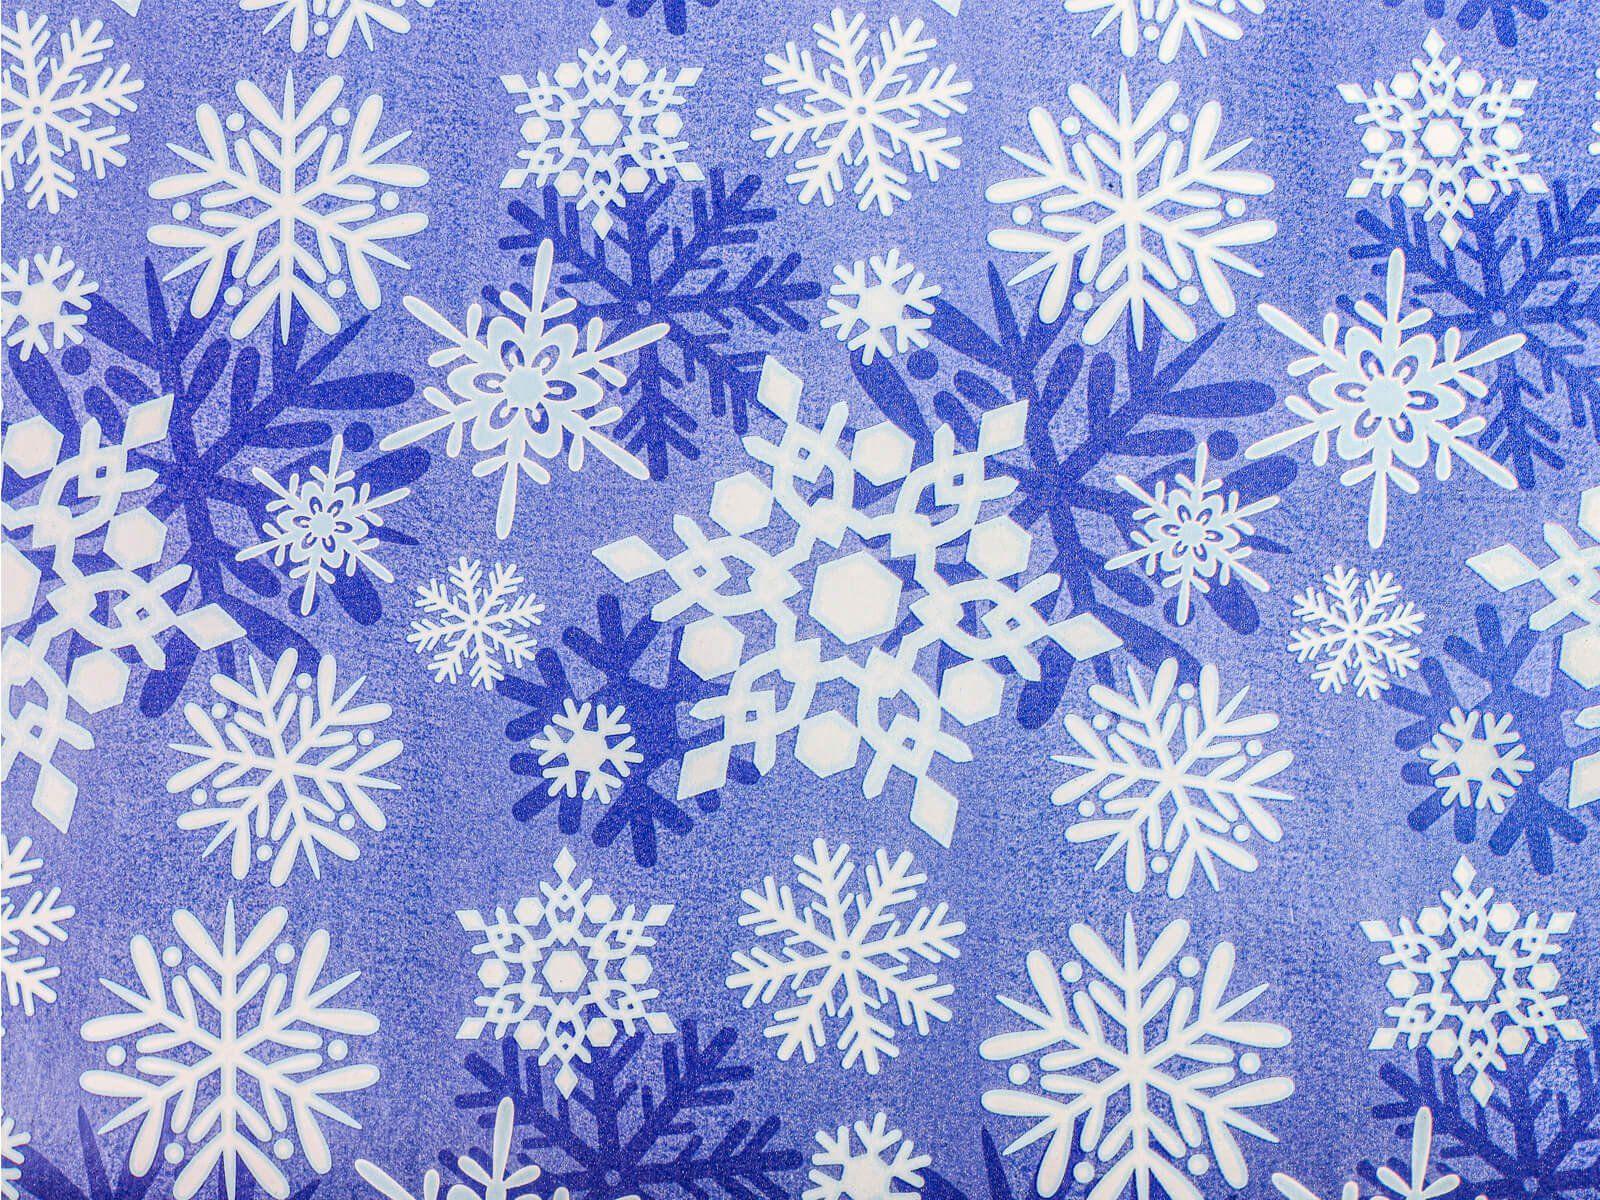 Papier do pakowania prezentów Płatki Śniegu - 76 x 152 cm - 1 szt.